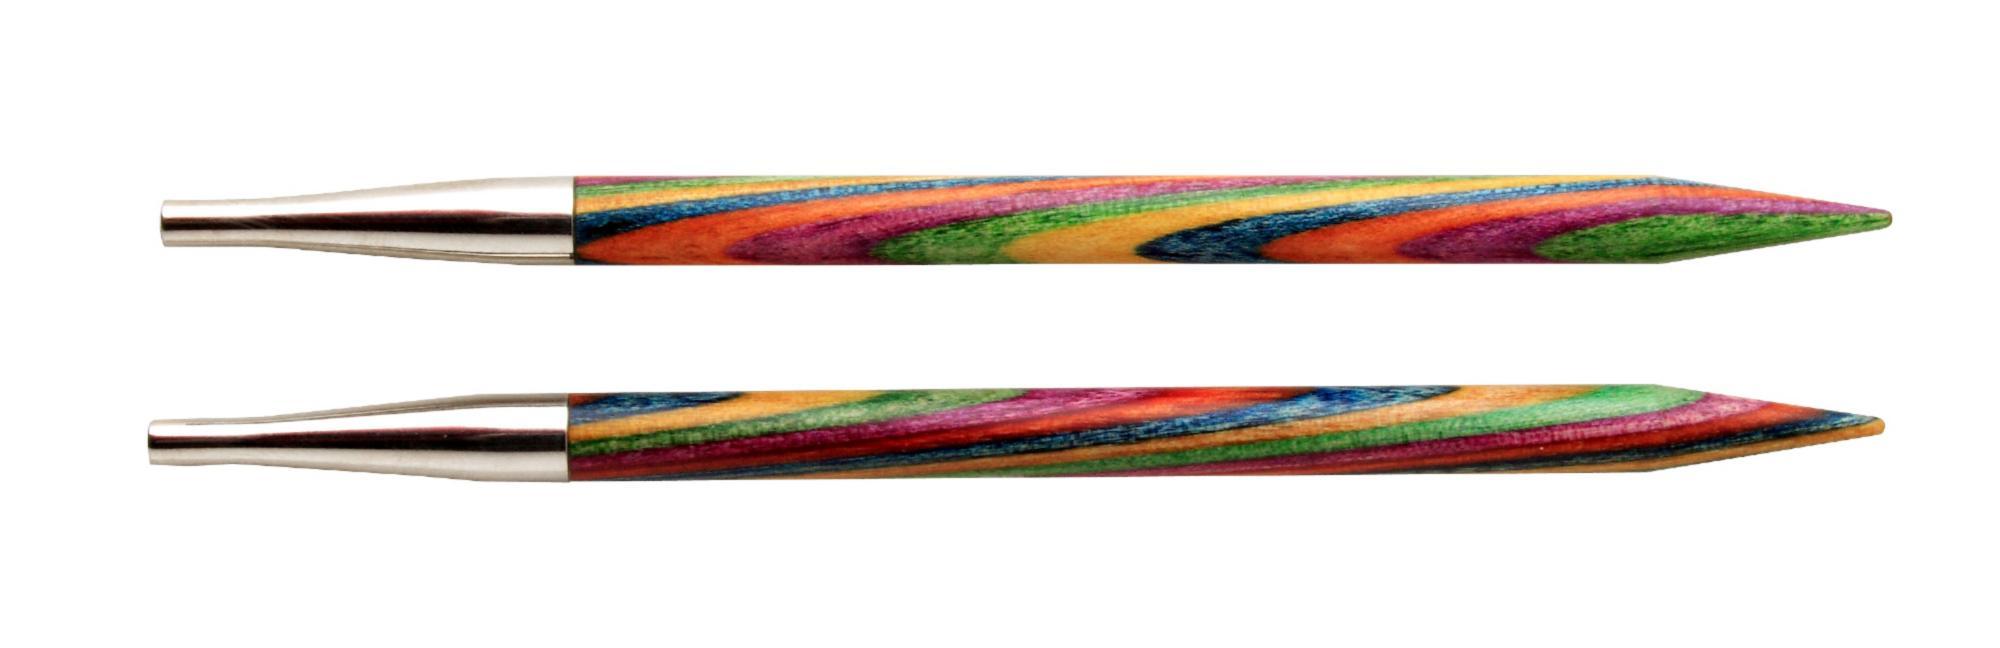 Спицы съемные Symfonie Wood KnitPro, 20402, 3.75 мм